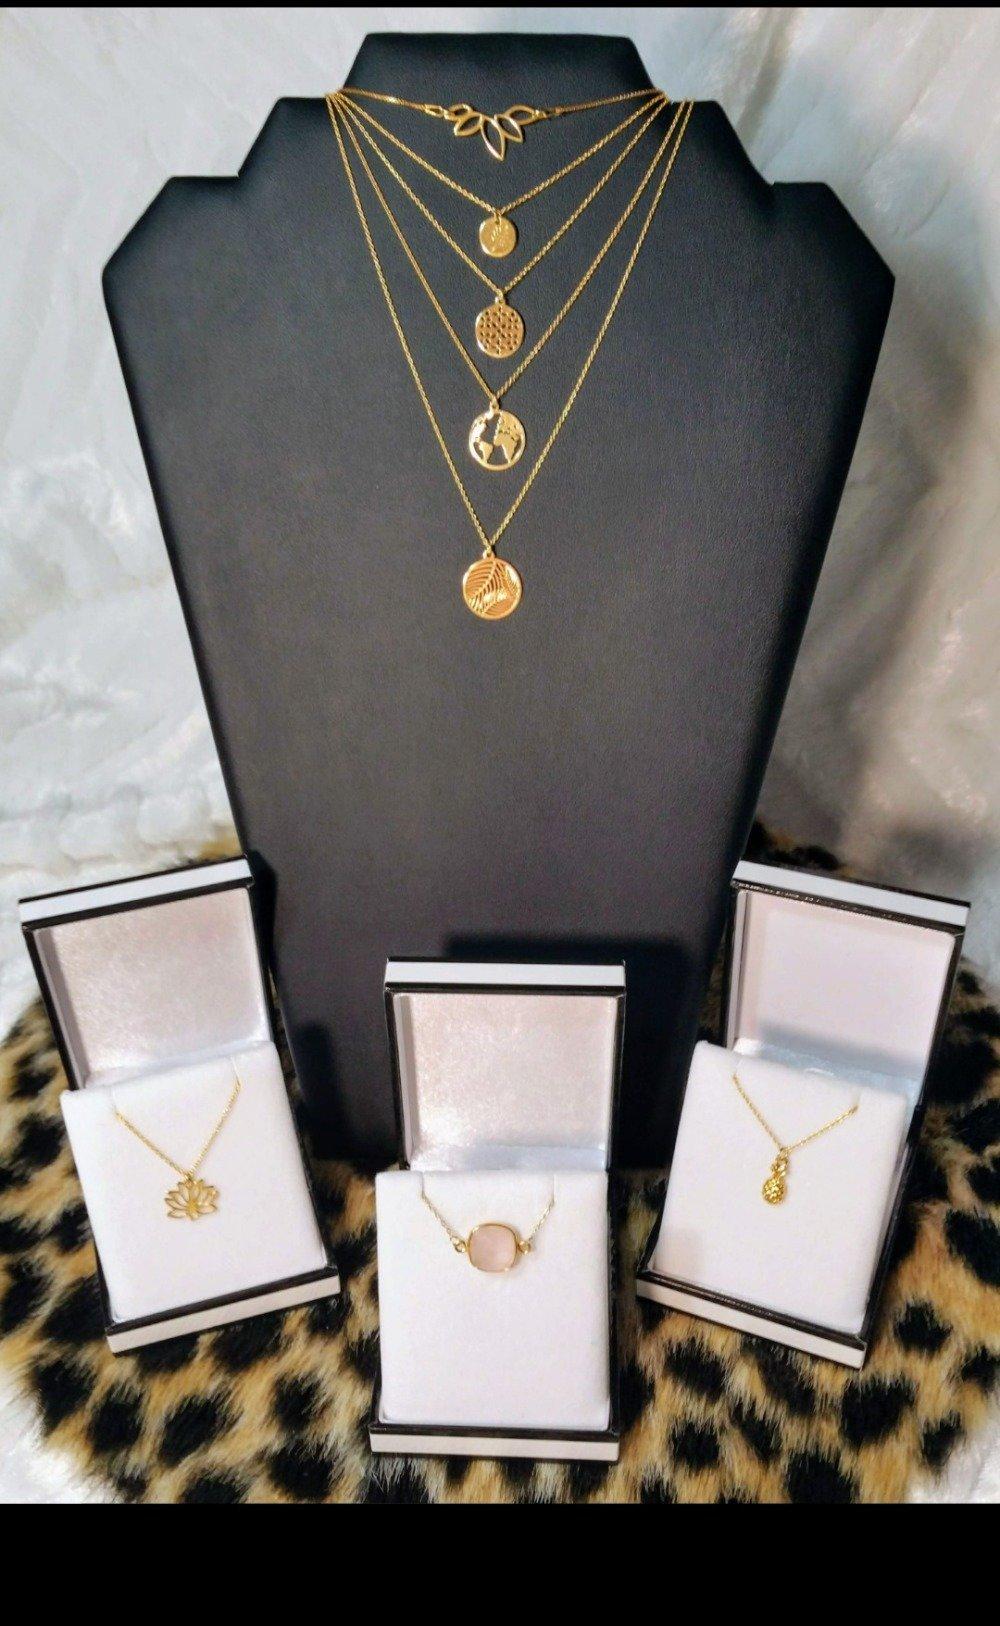 Collier quartz rose or, pendentif quartz rose, or vermeil, argent 925 doré 24k, collier femme, ras de cou, stacking, idée cadeau